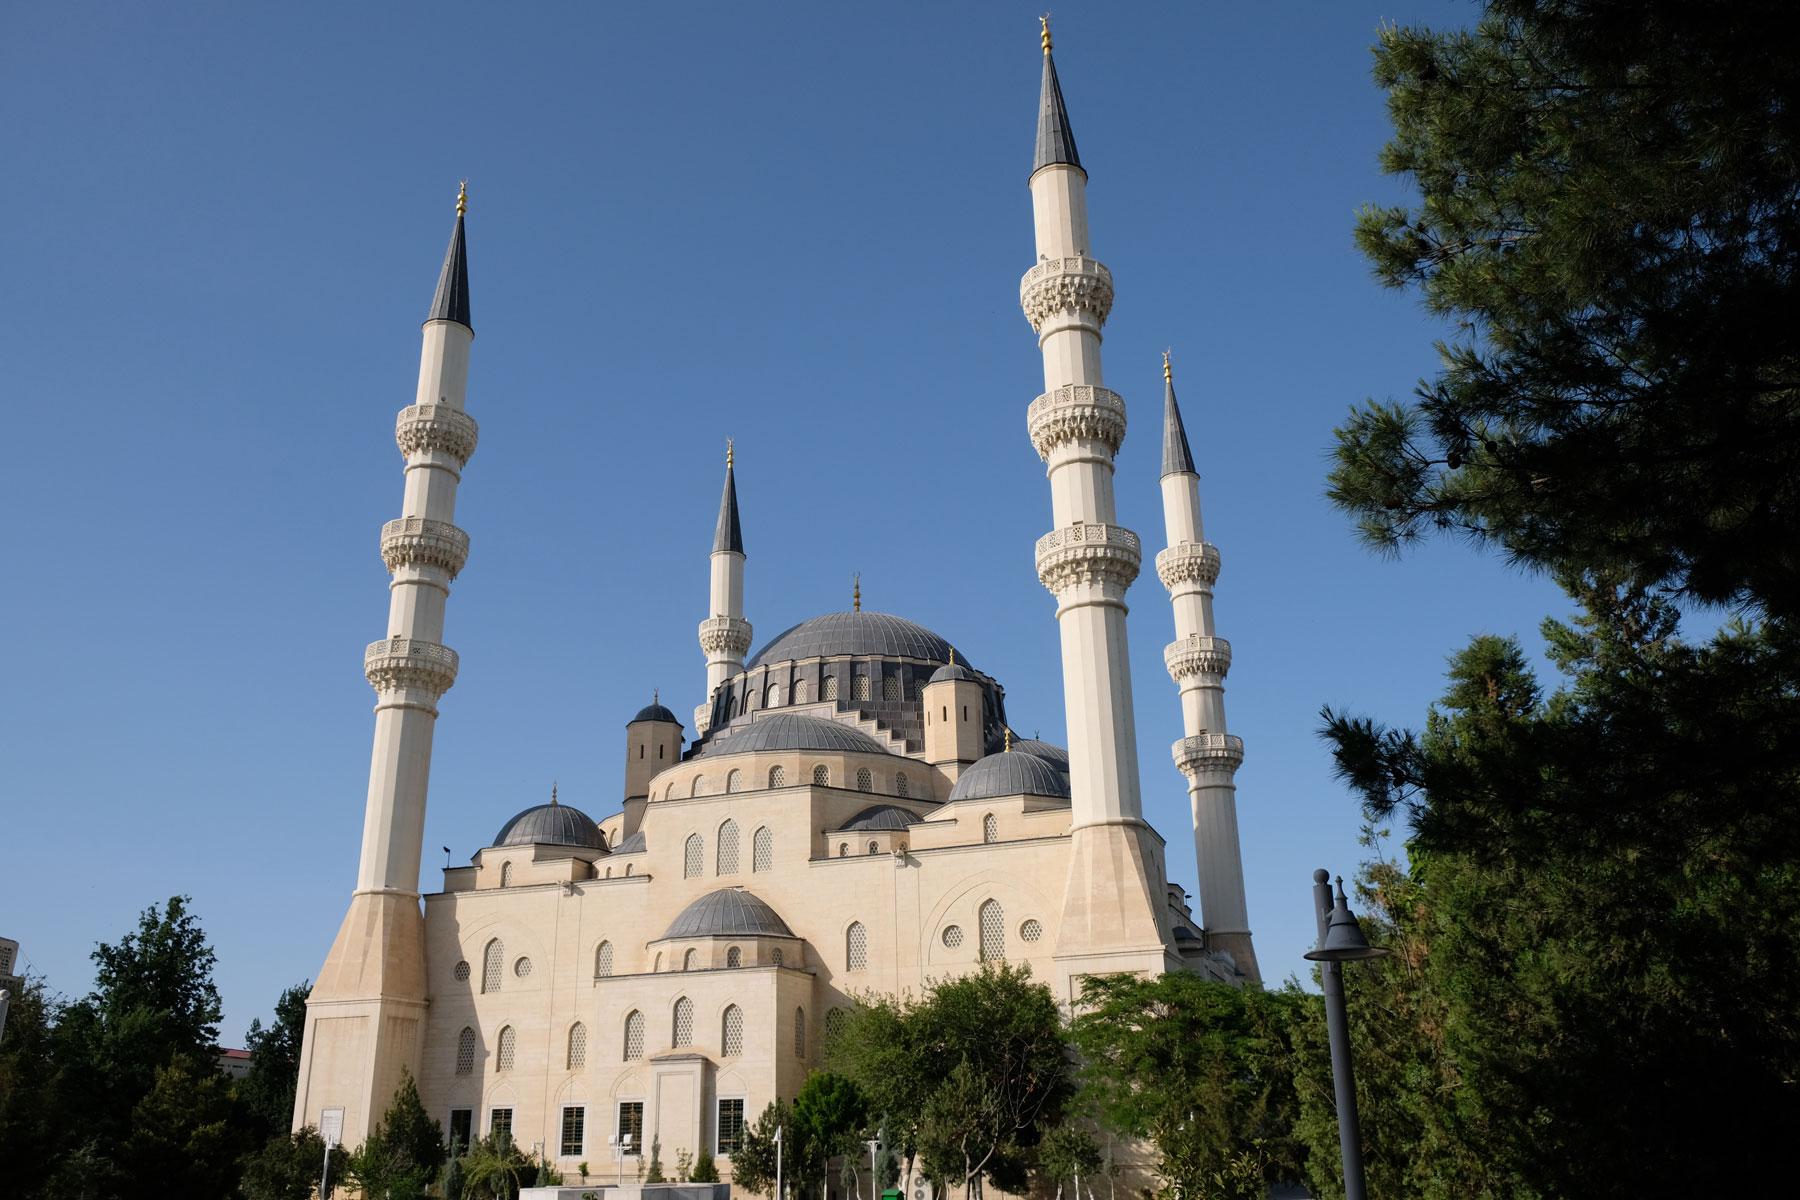 Auch bei der Moschee ist niemand bis auf zwei Männer anzutreffen.